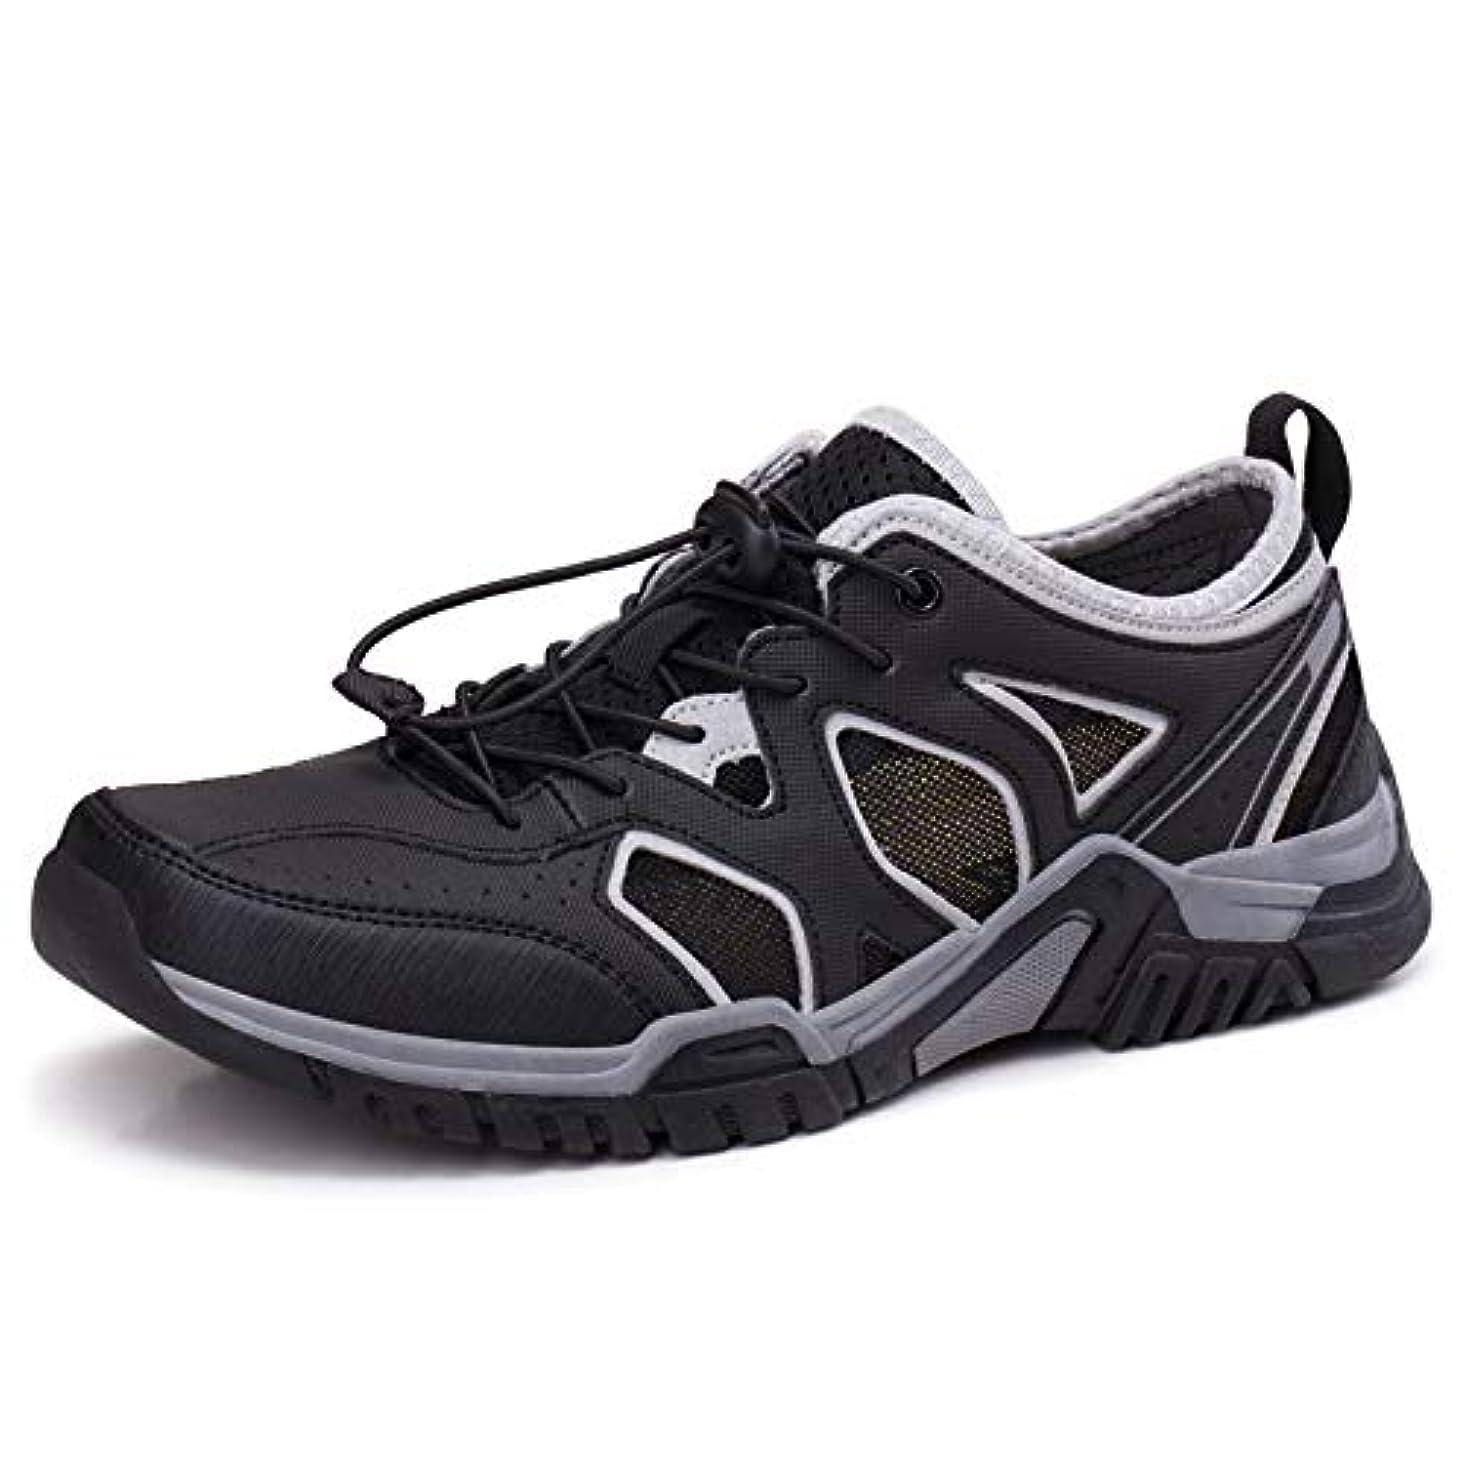 ビルダー哀れな最終的に[ランボ] ハイキング シューズ メンズ カジュアル スニーカー シューズ 登山靴 25.0cm 紳士靴 アウトドア 柔らか素材 通気性 軽量 滑り止め トレッキング ハイキング 小さいサイズ 大きいサイズ 黒 24cm